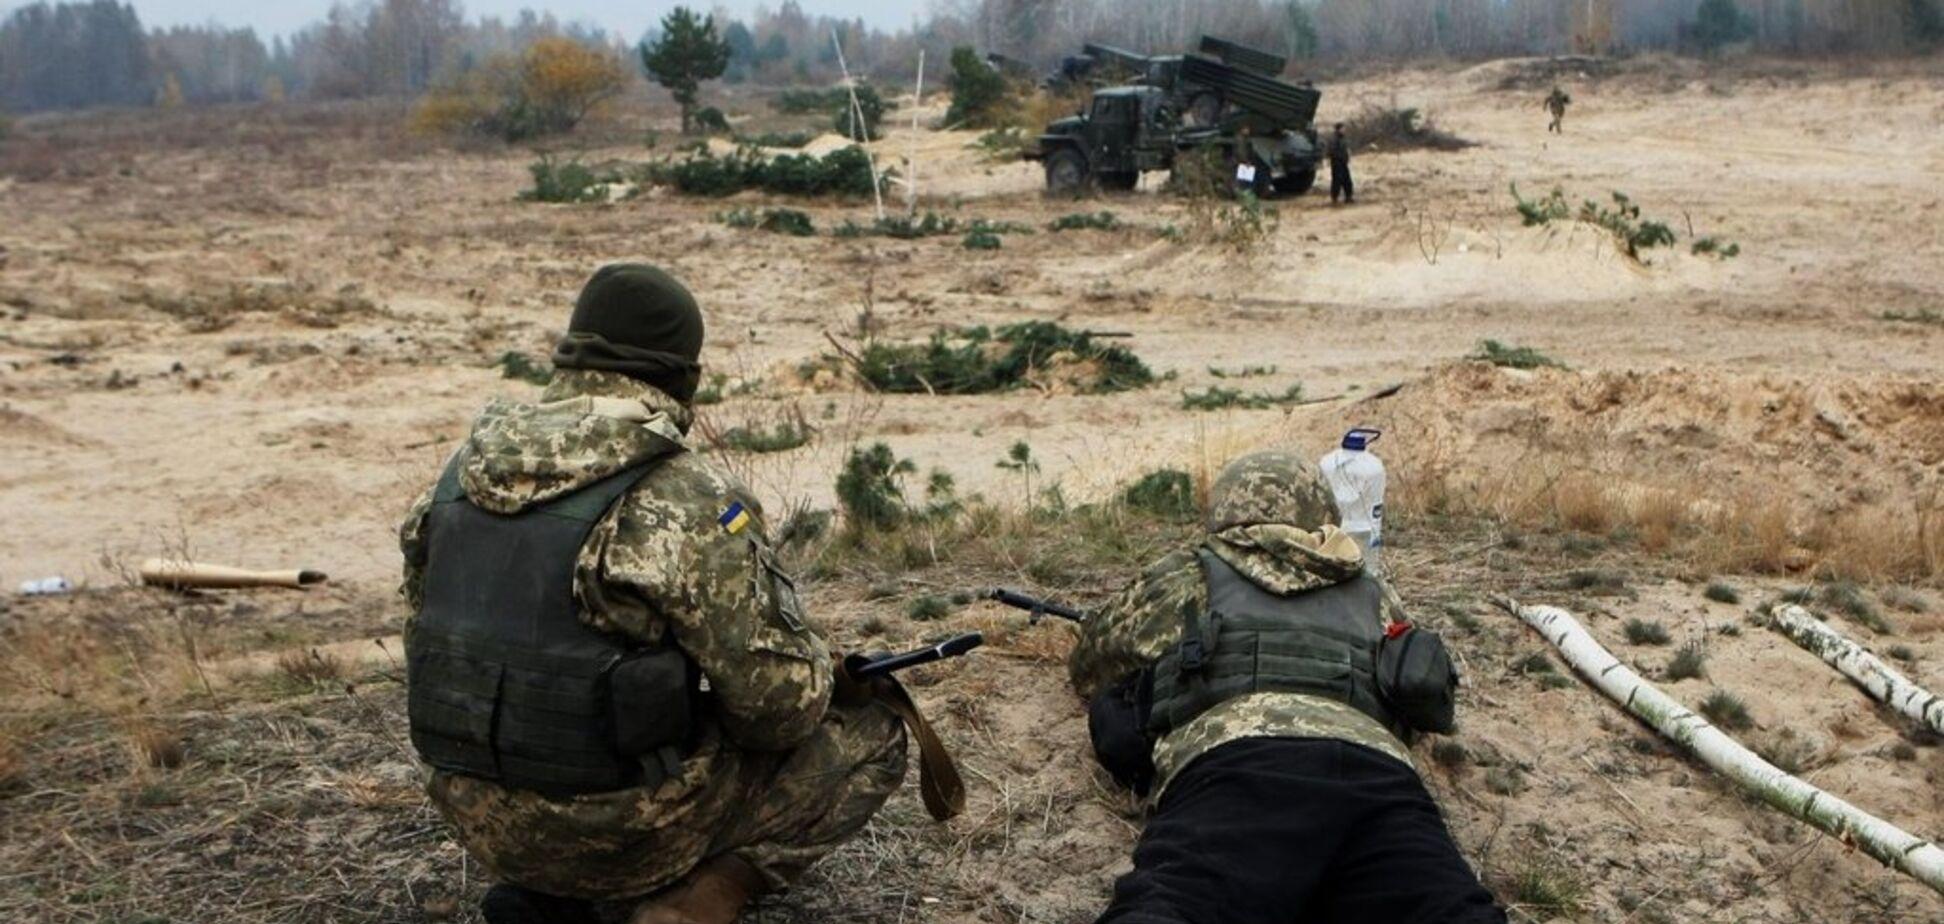 Взяли в плен! ВСУ отчитались о новом успехе на Донбассе